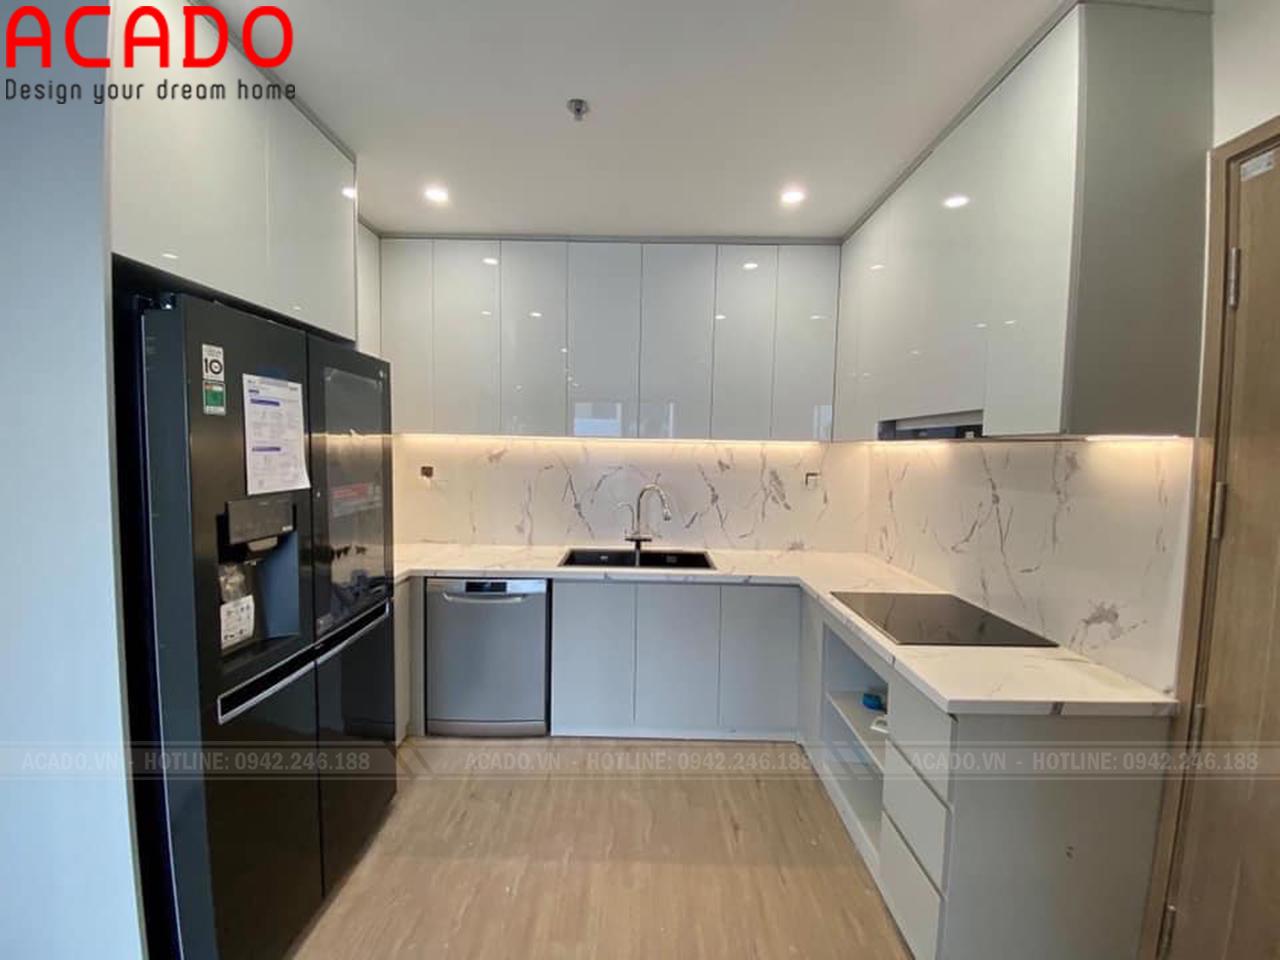 Tủ bếp ACrylic mang đến không gian sang trọng, tiện nghi